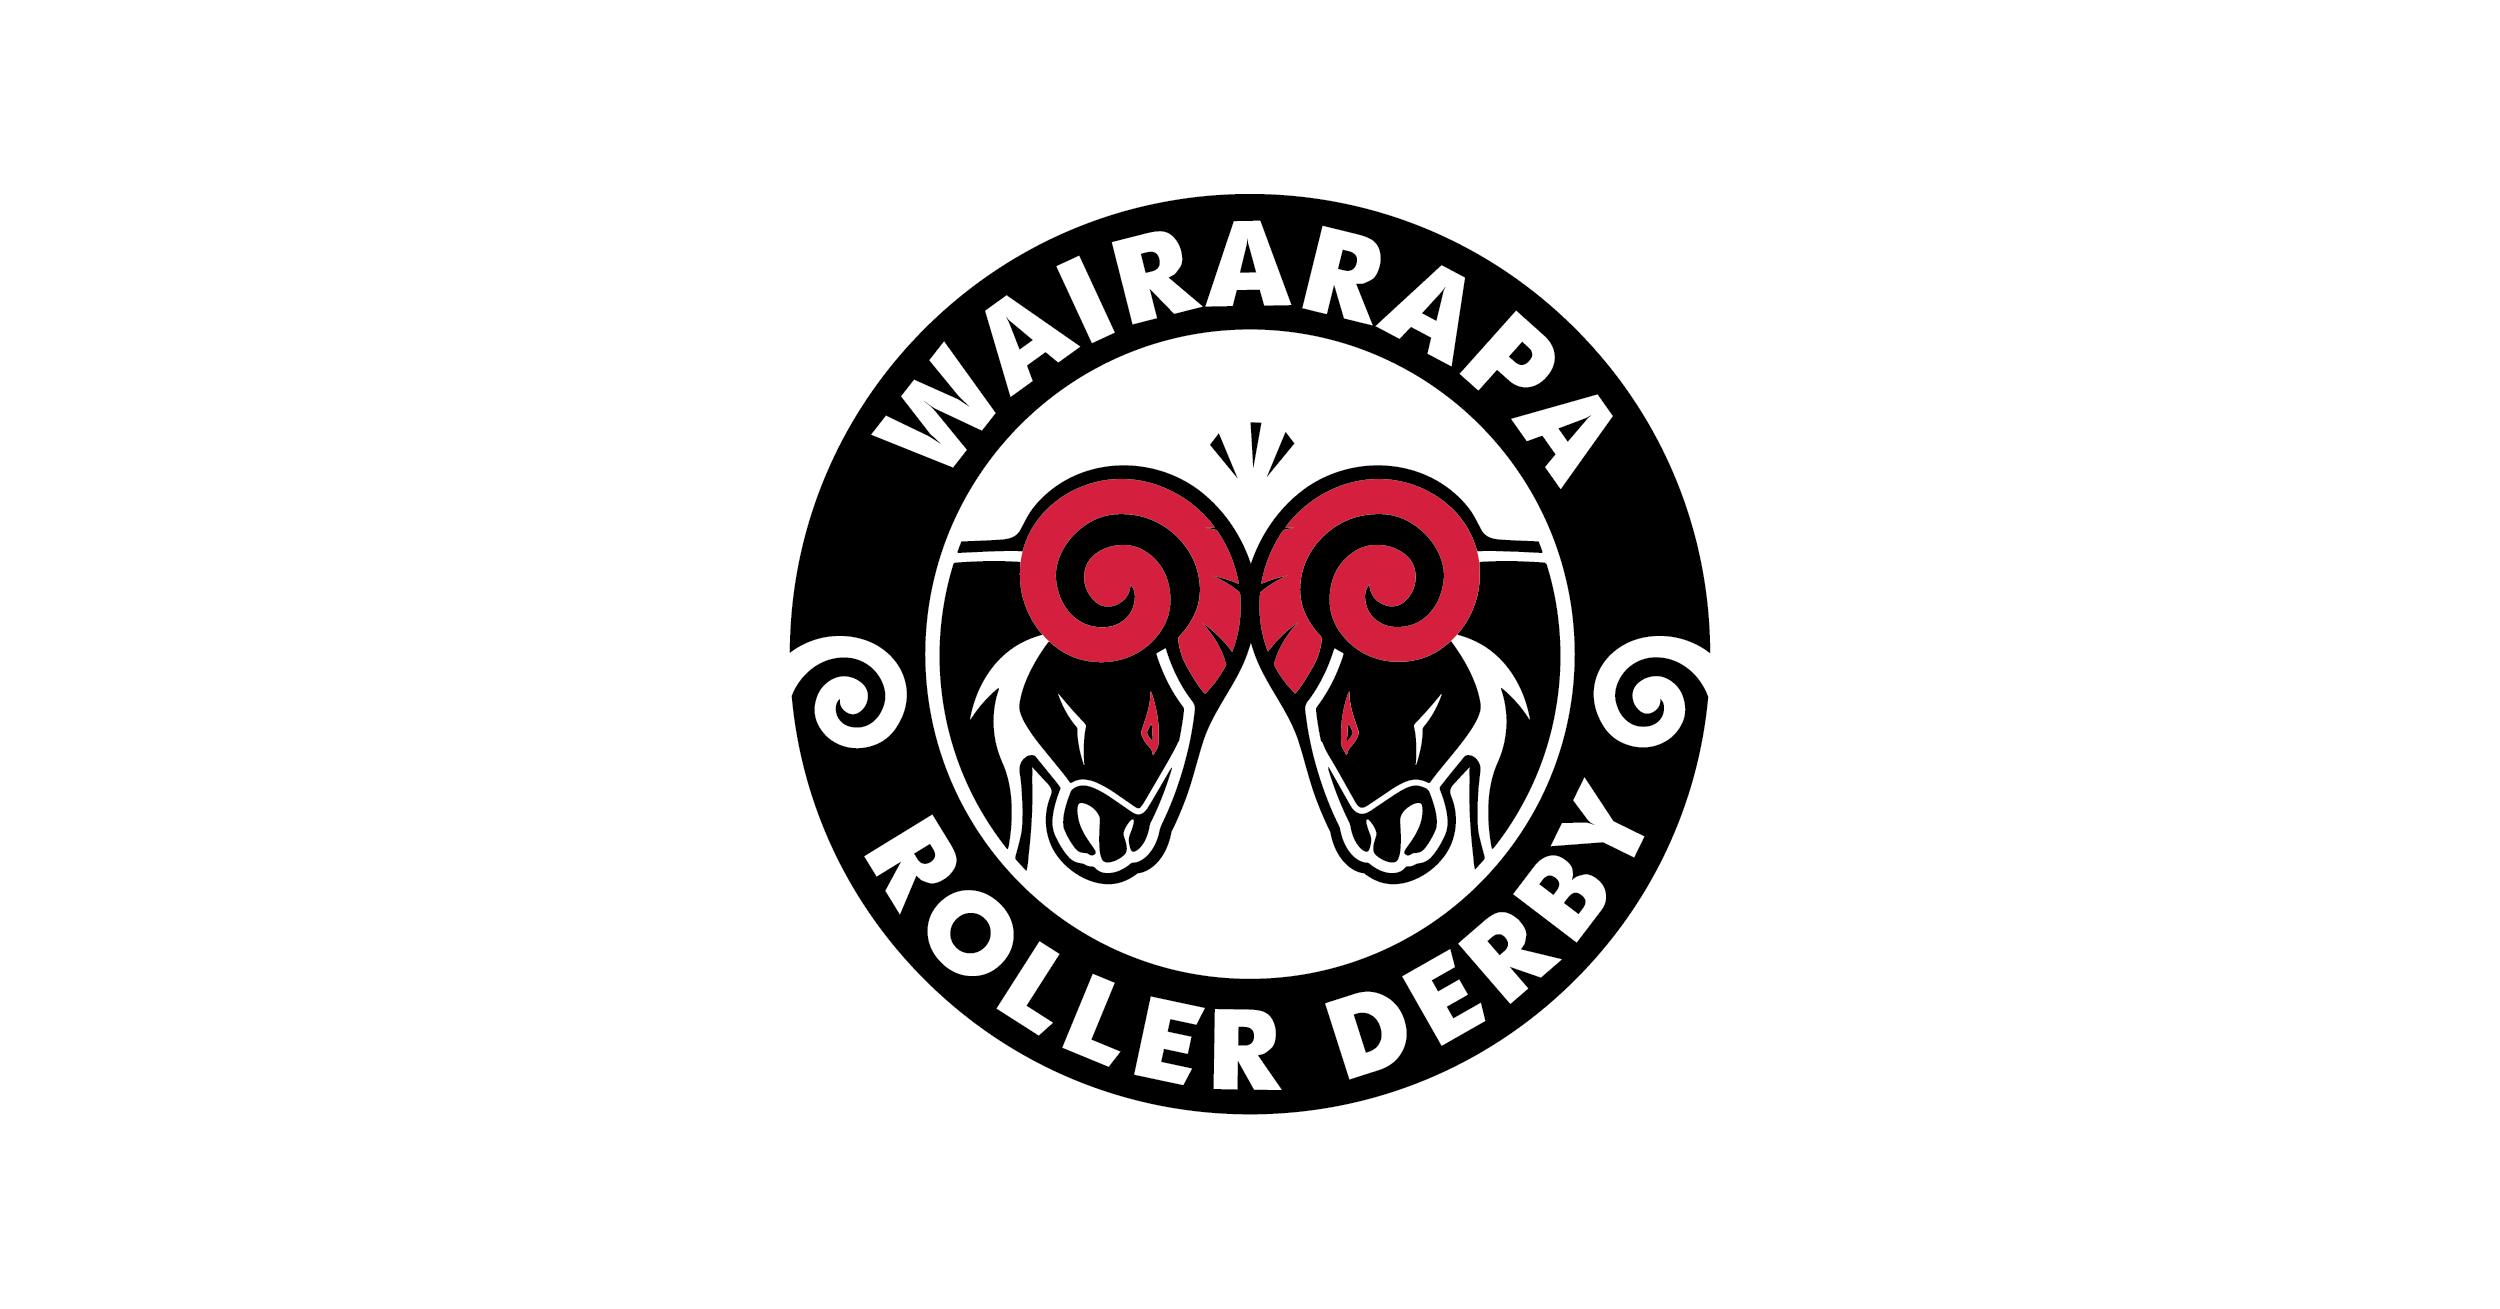 Wairarapa Roller Derby 1